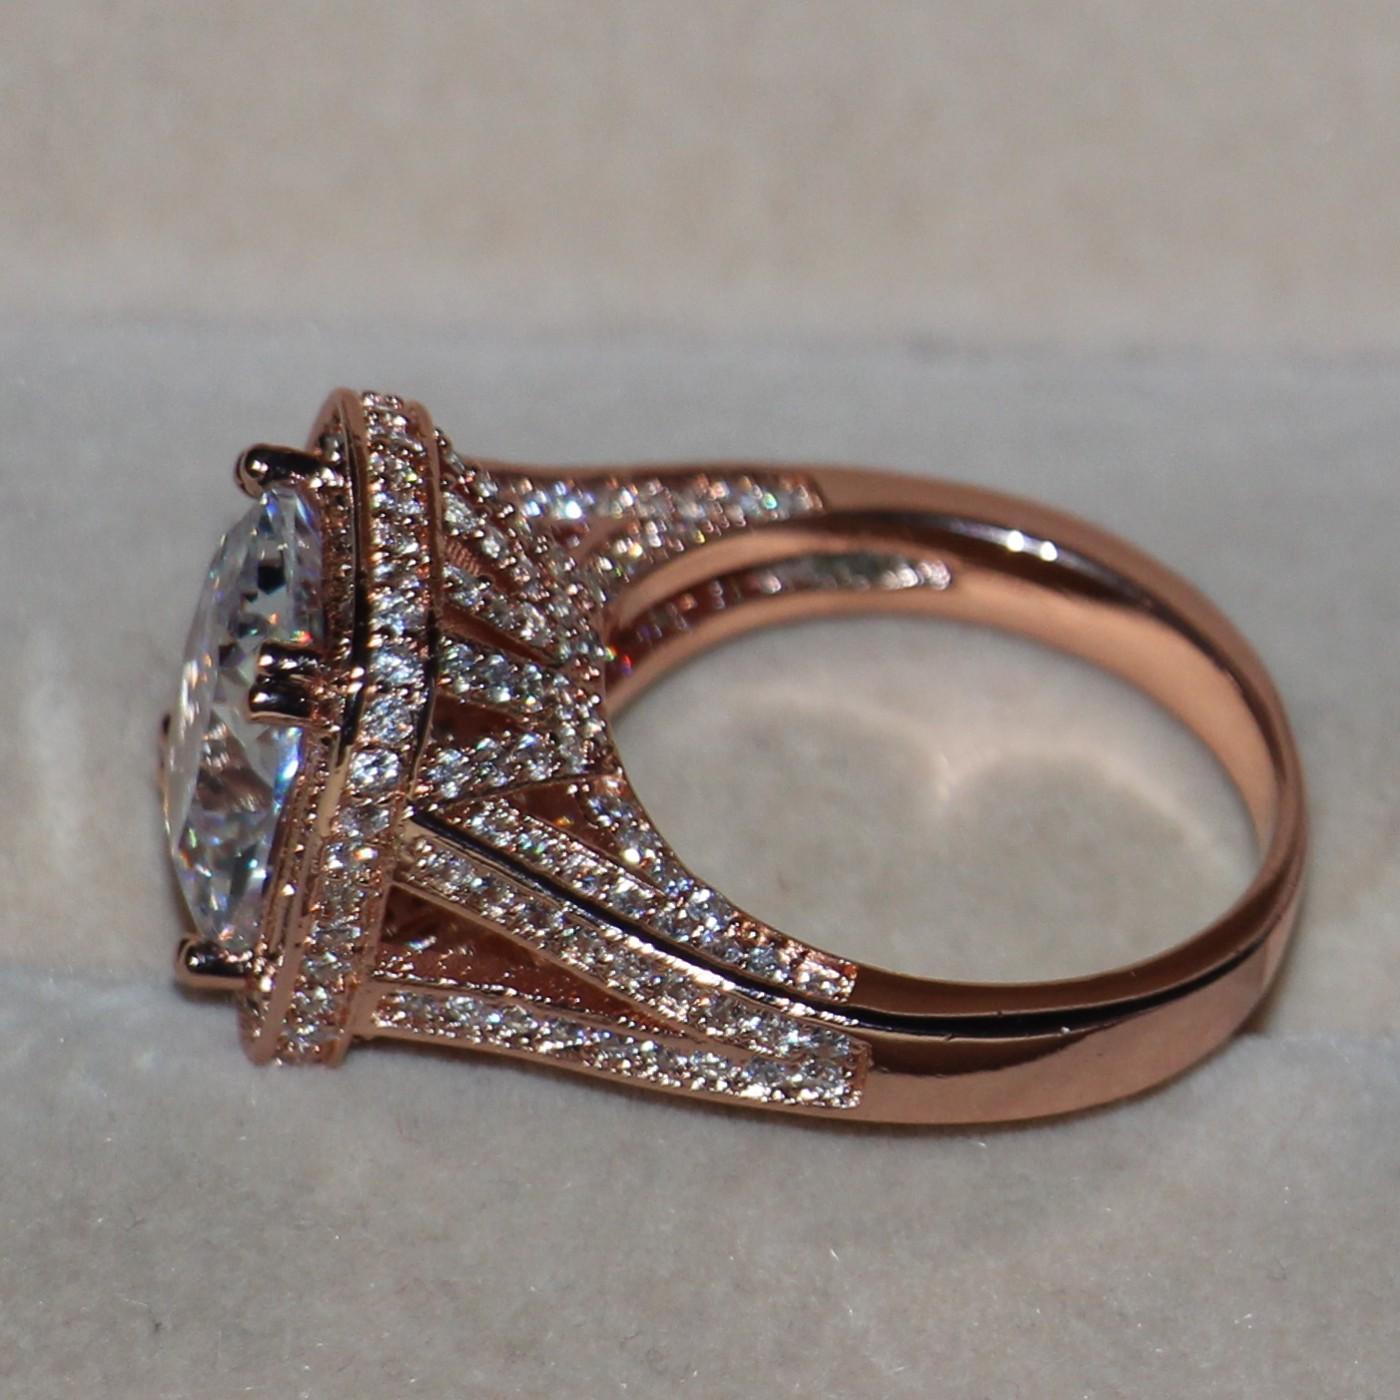 Victoria Wieck Luxuxschmucksachen 10ct Topas Tiny CZ 925 Sterling Silber Rose Pave Simulierter Diamant-Hochzeit Band-Frauen-Ring-Größe 5-11